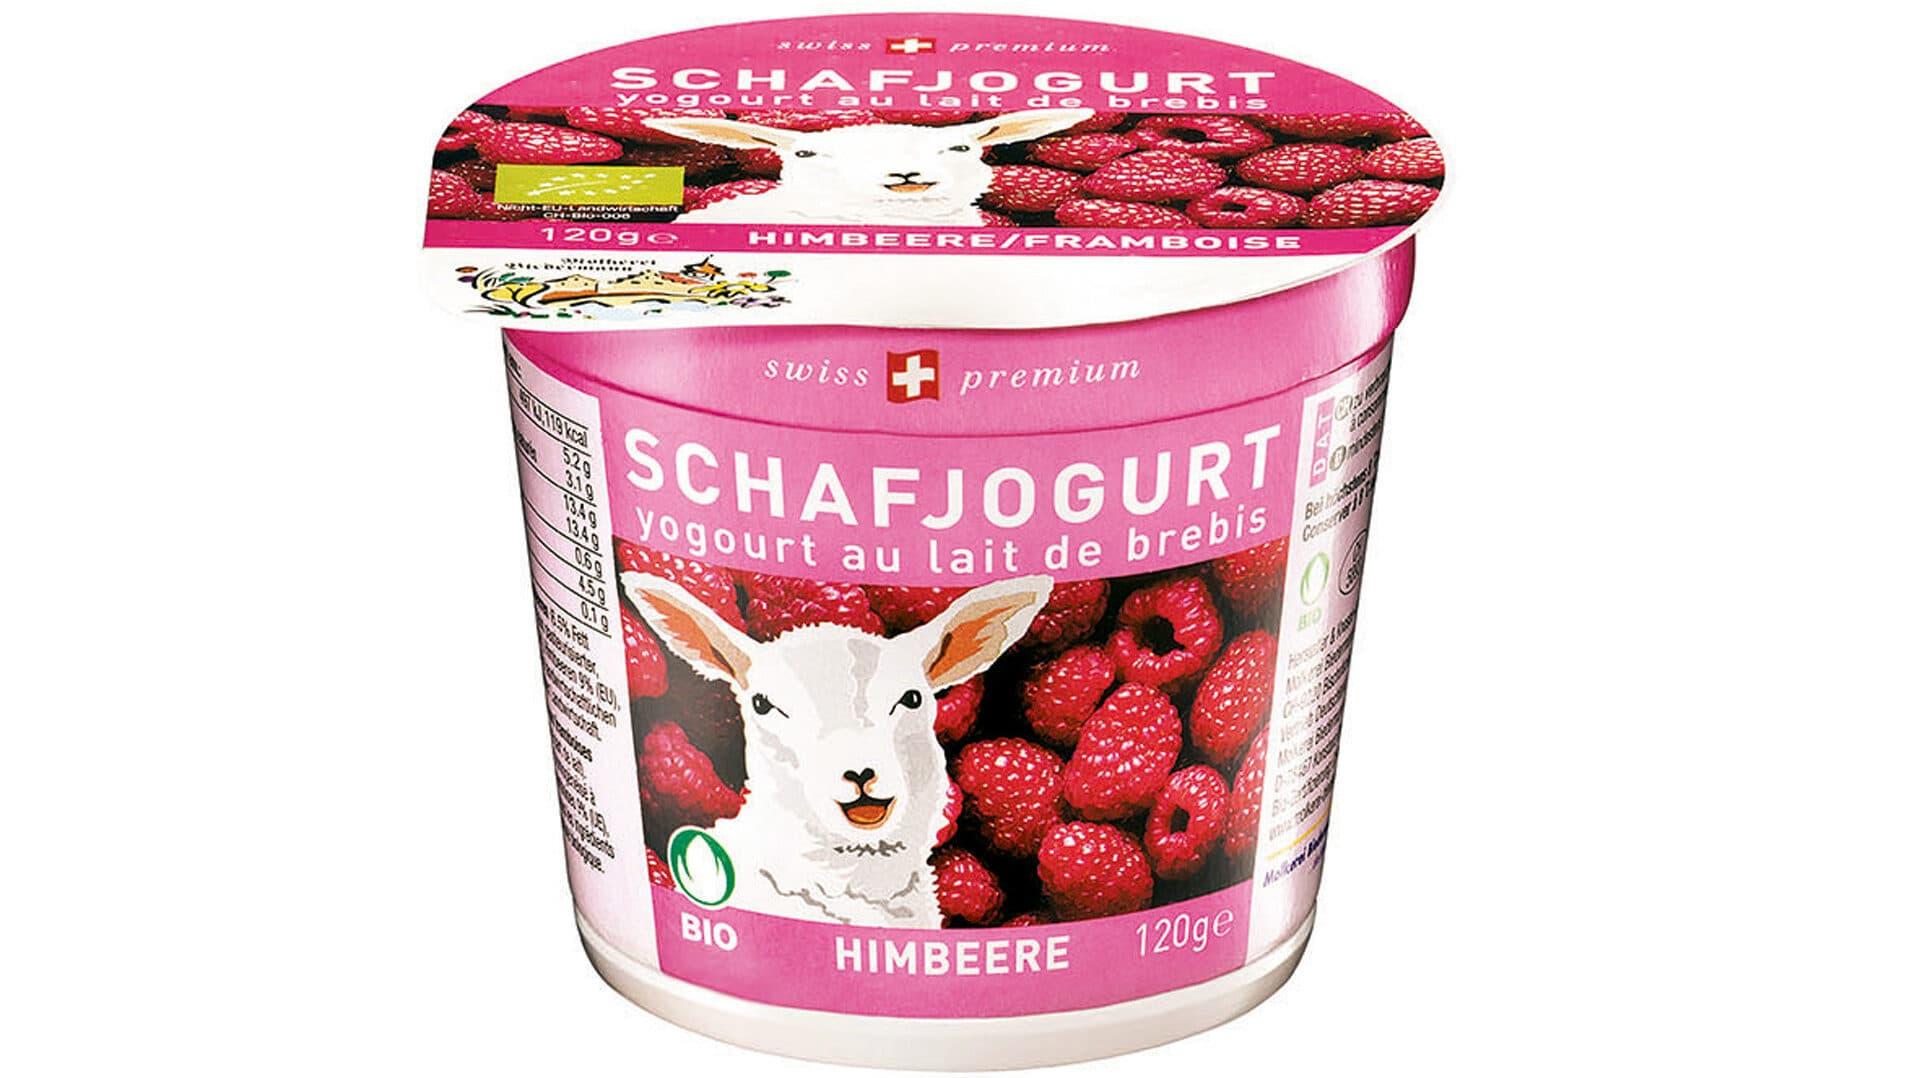 Schafjoghurt Himbeere